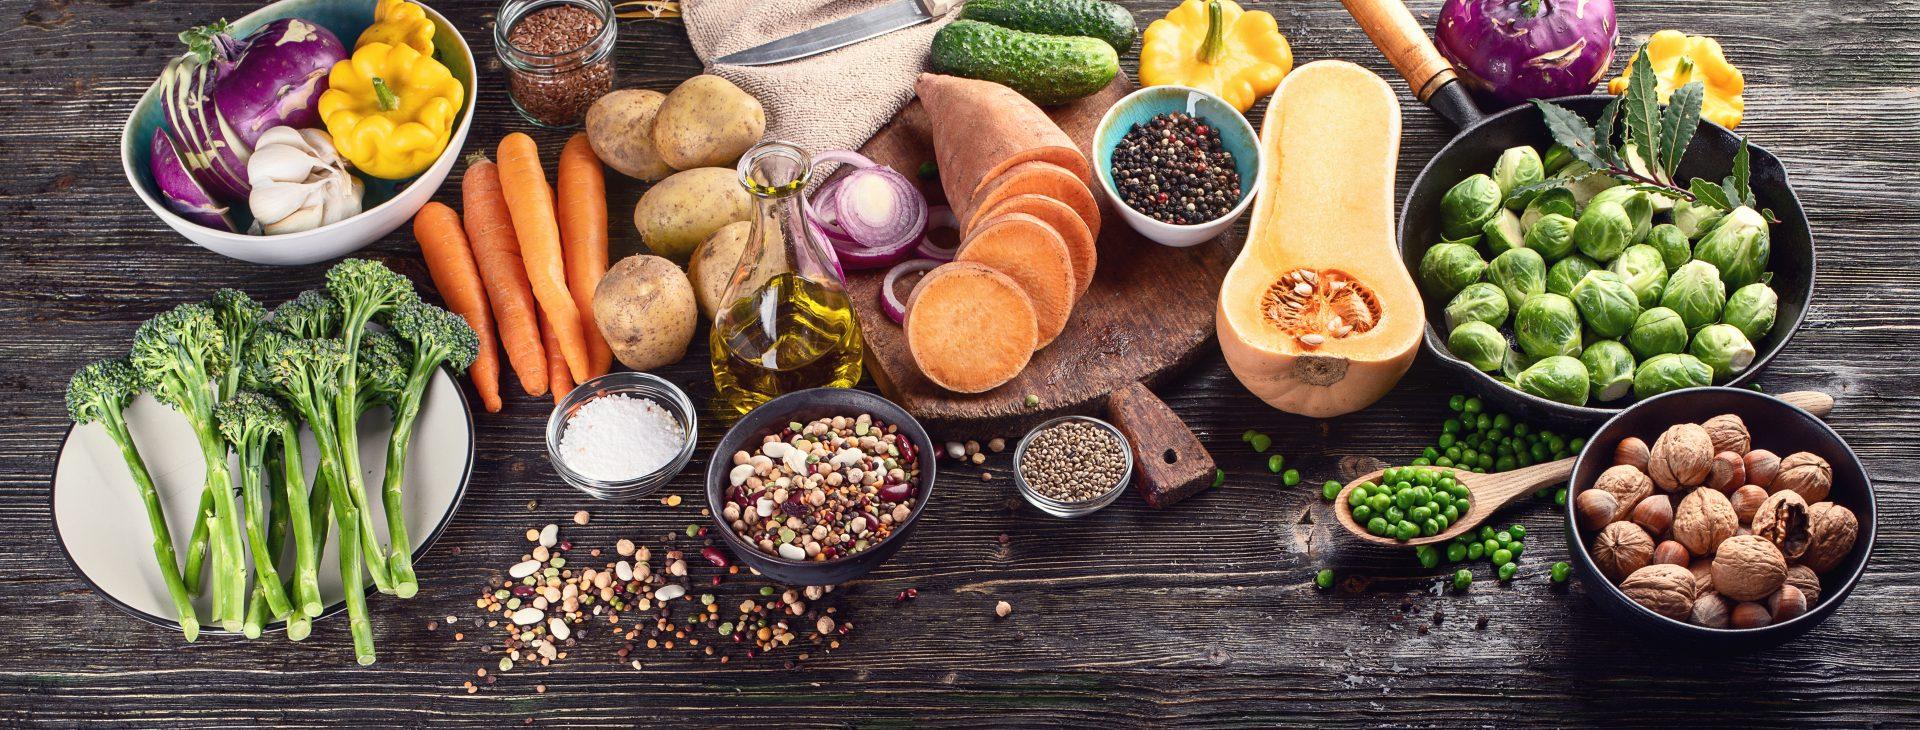 ליהנות מאוכל טבעוני ובריא